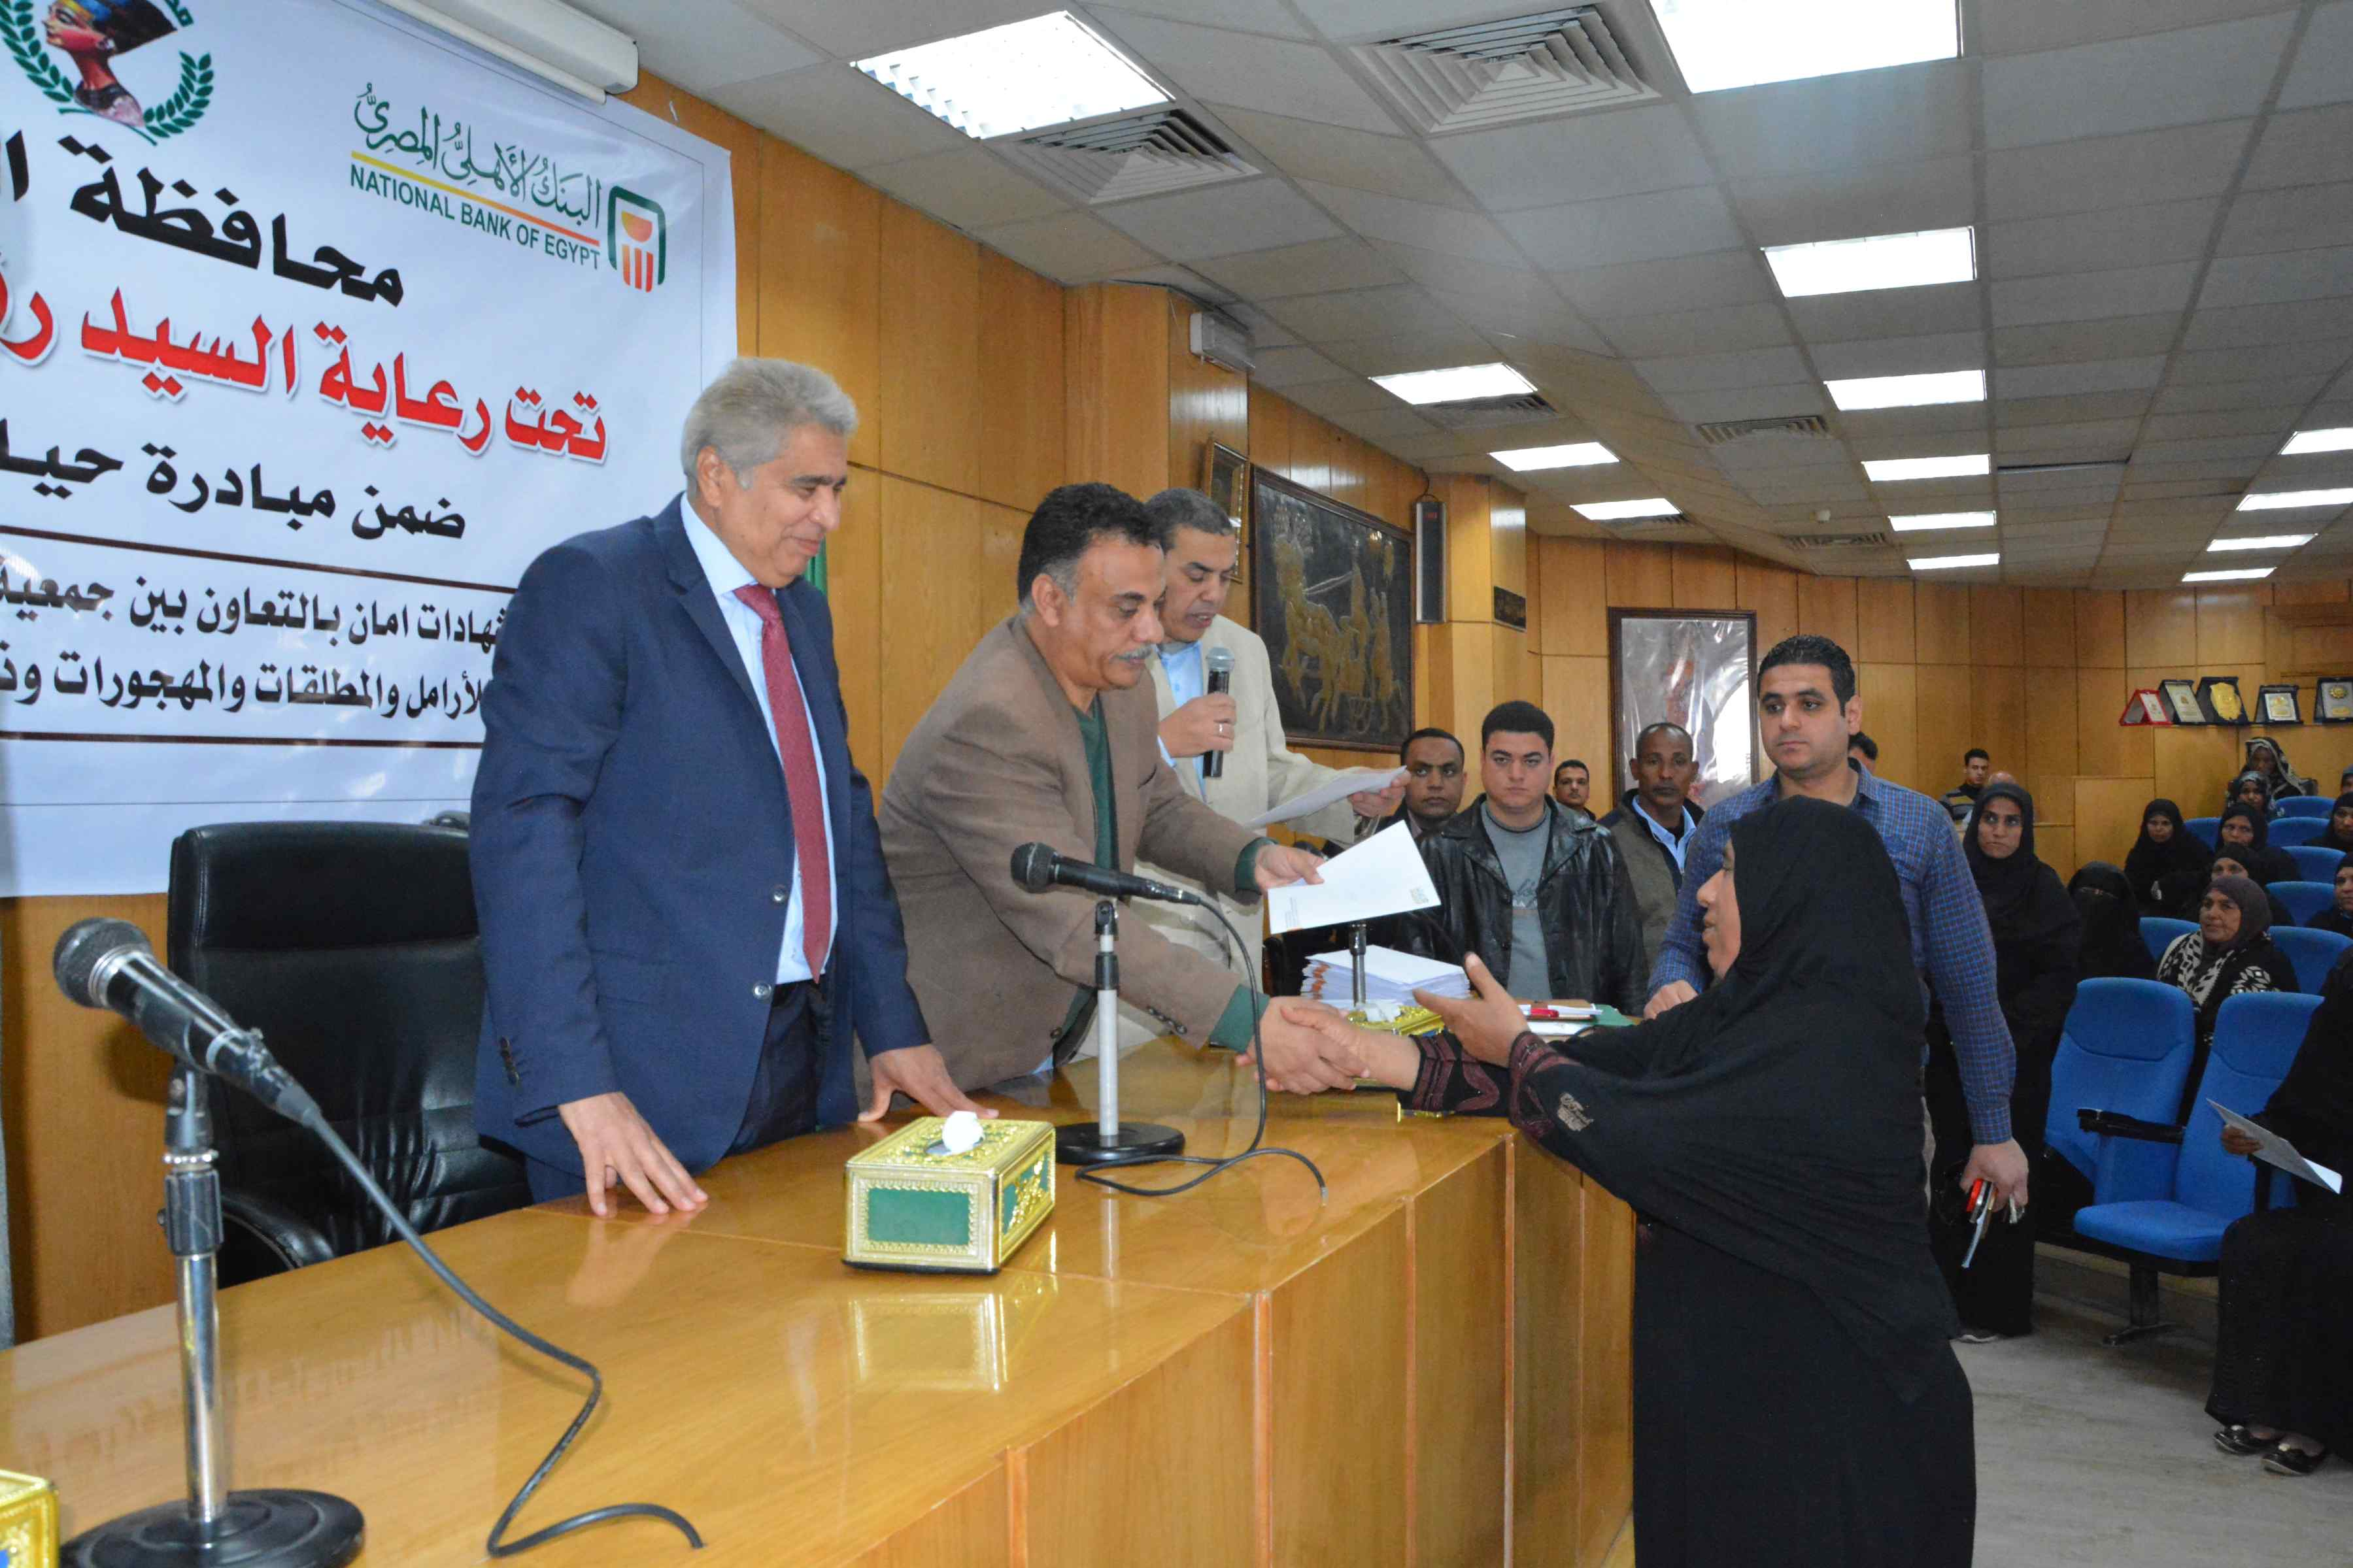 محافظ المنيا يٌسلم 200شهادة أمان من الأورمان للسيدات المعيلات (4)